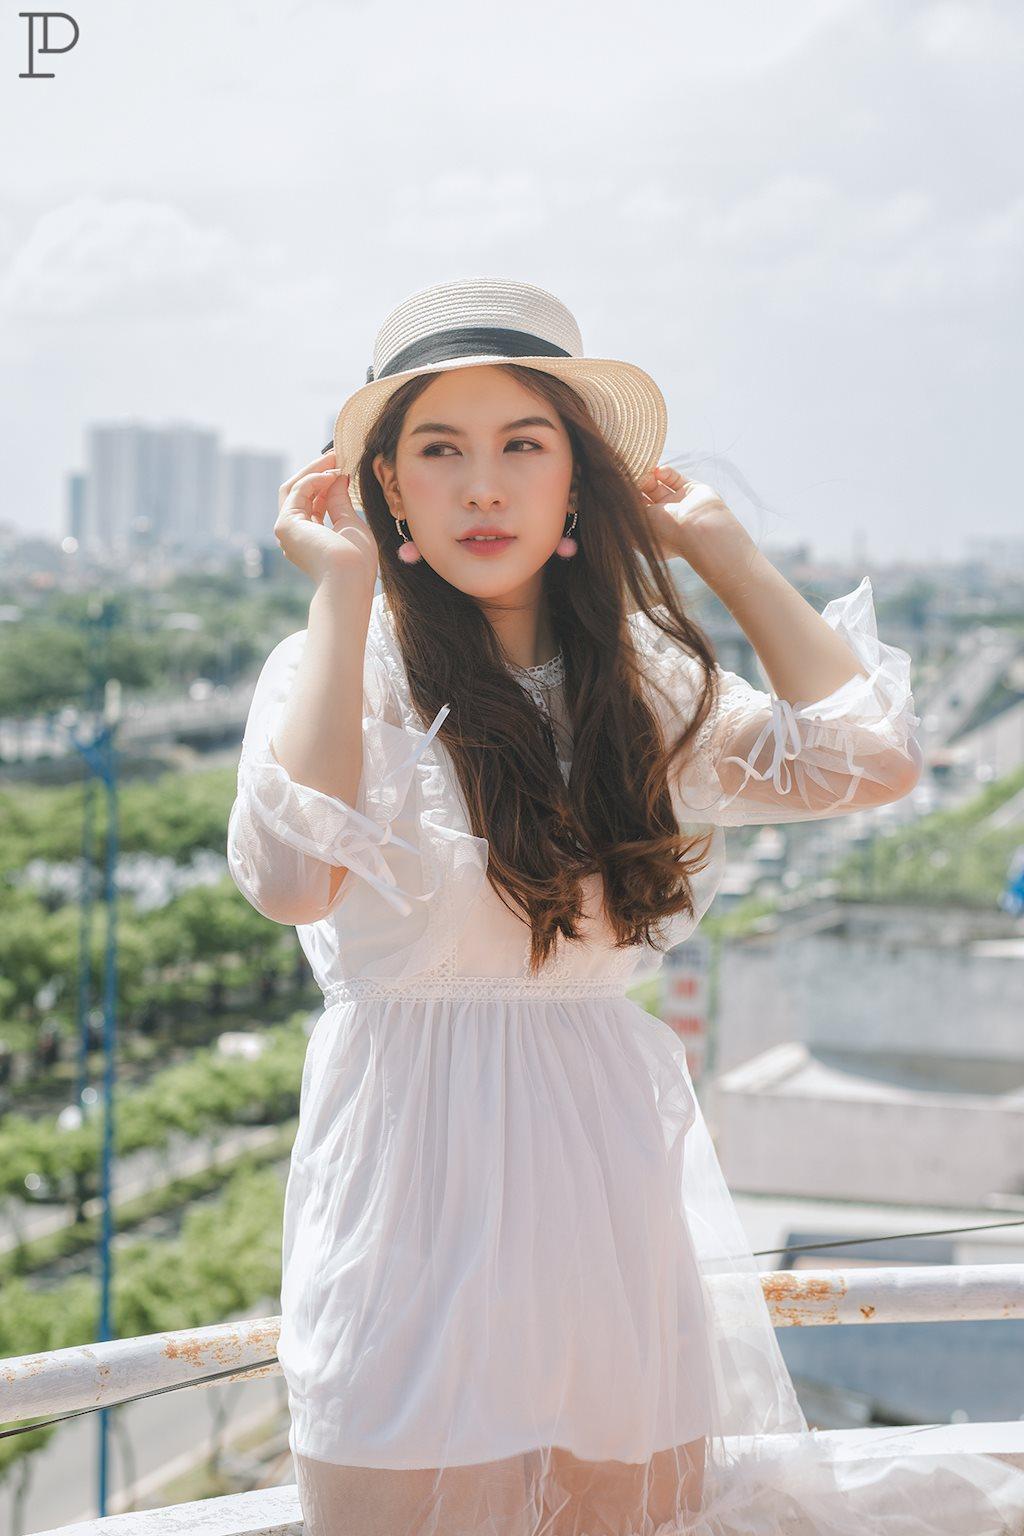 Dân mạng ngẩn ngơ ngắm vẻ đẹp dịu dàng trên sân thượng của hot girl Yến Hichii - Hình 4